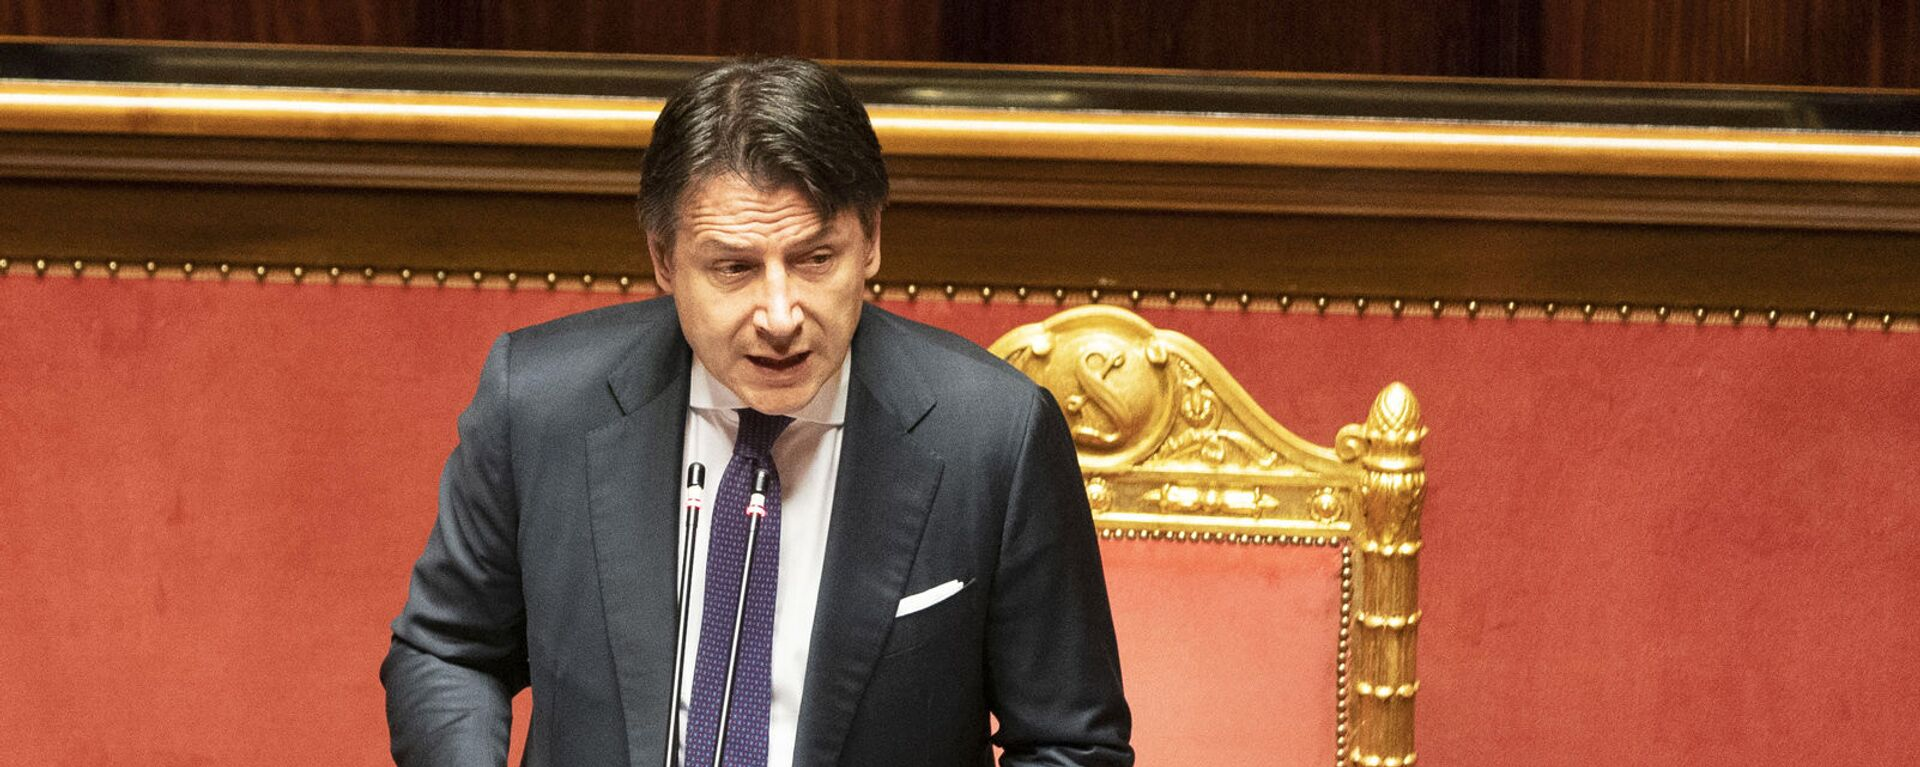 Il Presidente del Consiglio, Giuseppe Conte, in Senato per l'informativa sugli esiti del Consiglio europeo - Sputnik Italia, 1920, 03.09.2021